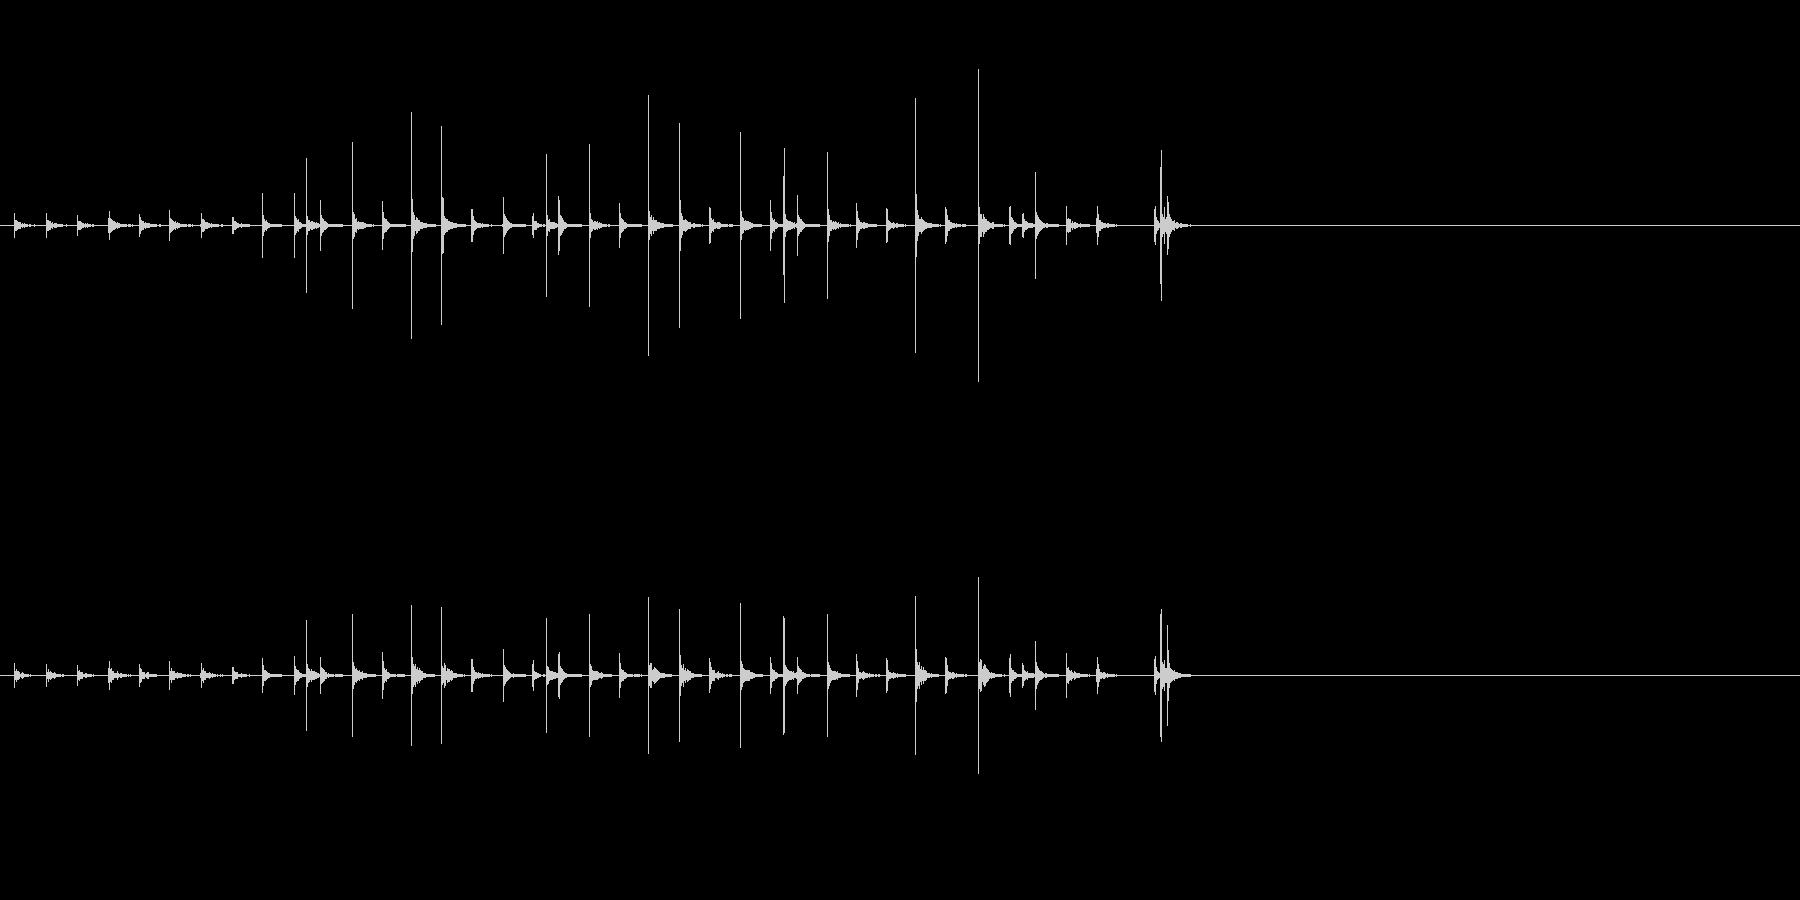 小木魚木章5歌舞伎黒御簾下座音楽和風日本の未再生の波形